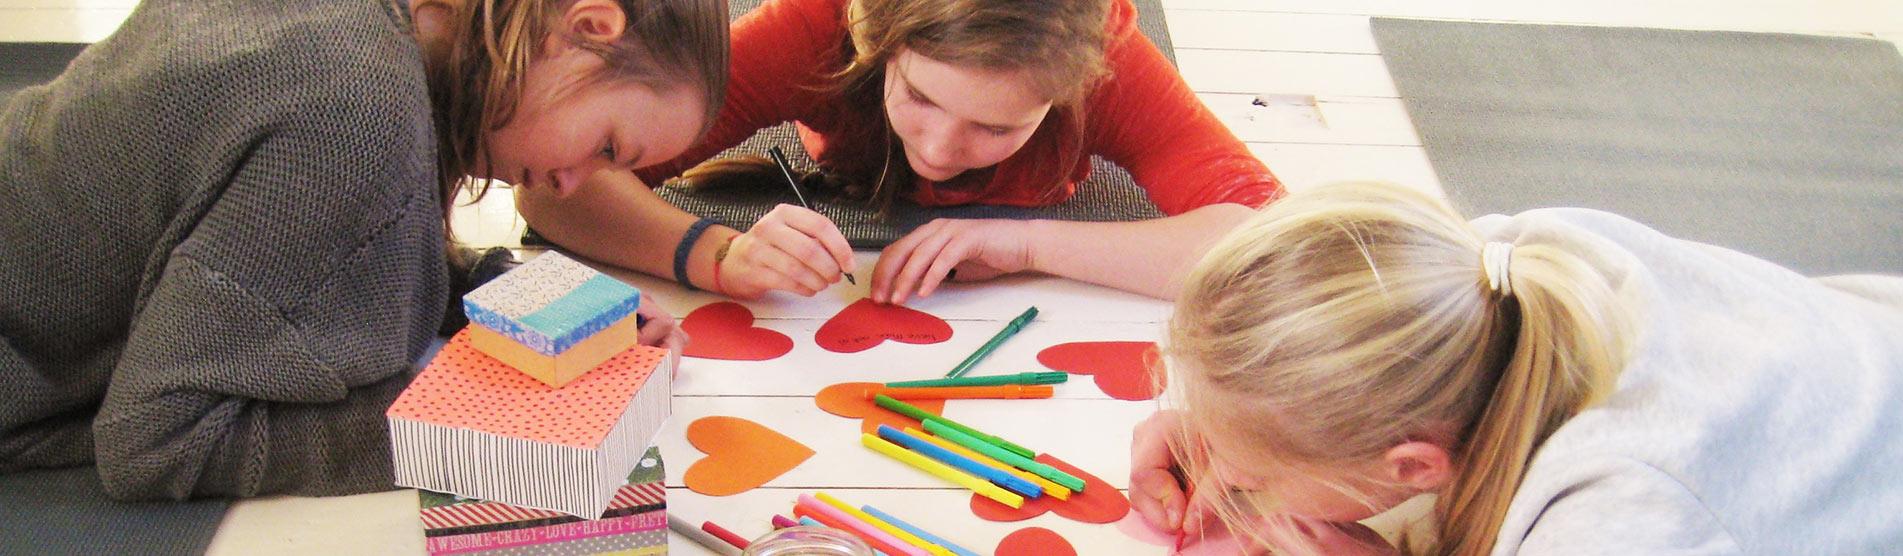 Mindfulness voor kinderen Enschede